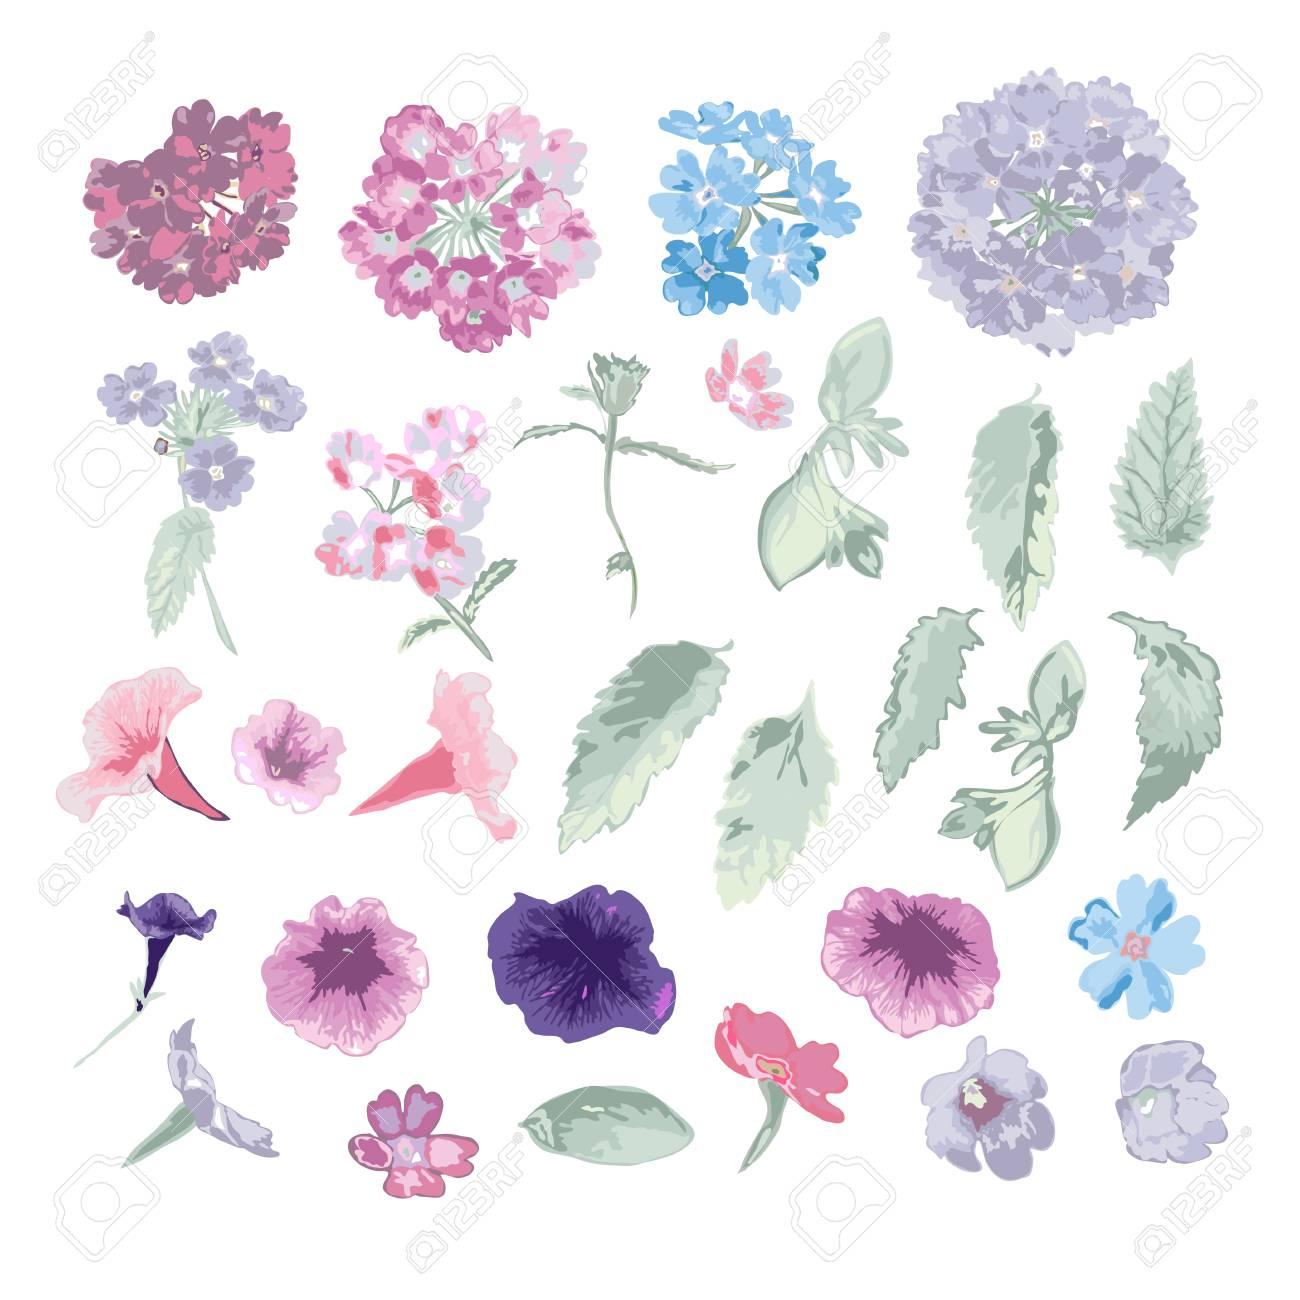 Elegantes Flores Decorativas Y Hojas Elementos De Diseño Ramas Florales Decoraciones Florales Para Invitaciones De Boda Vintage Tarjetas De